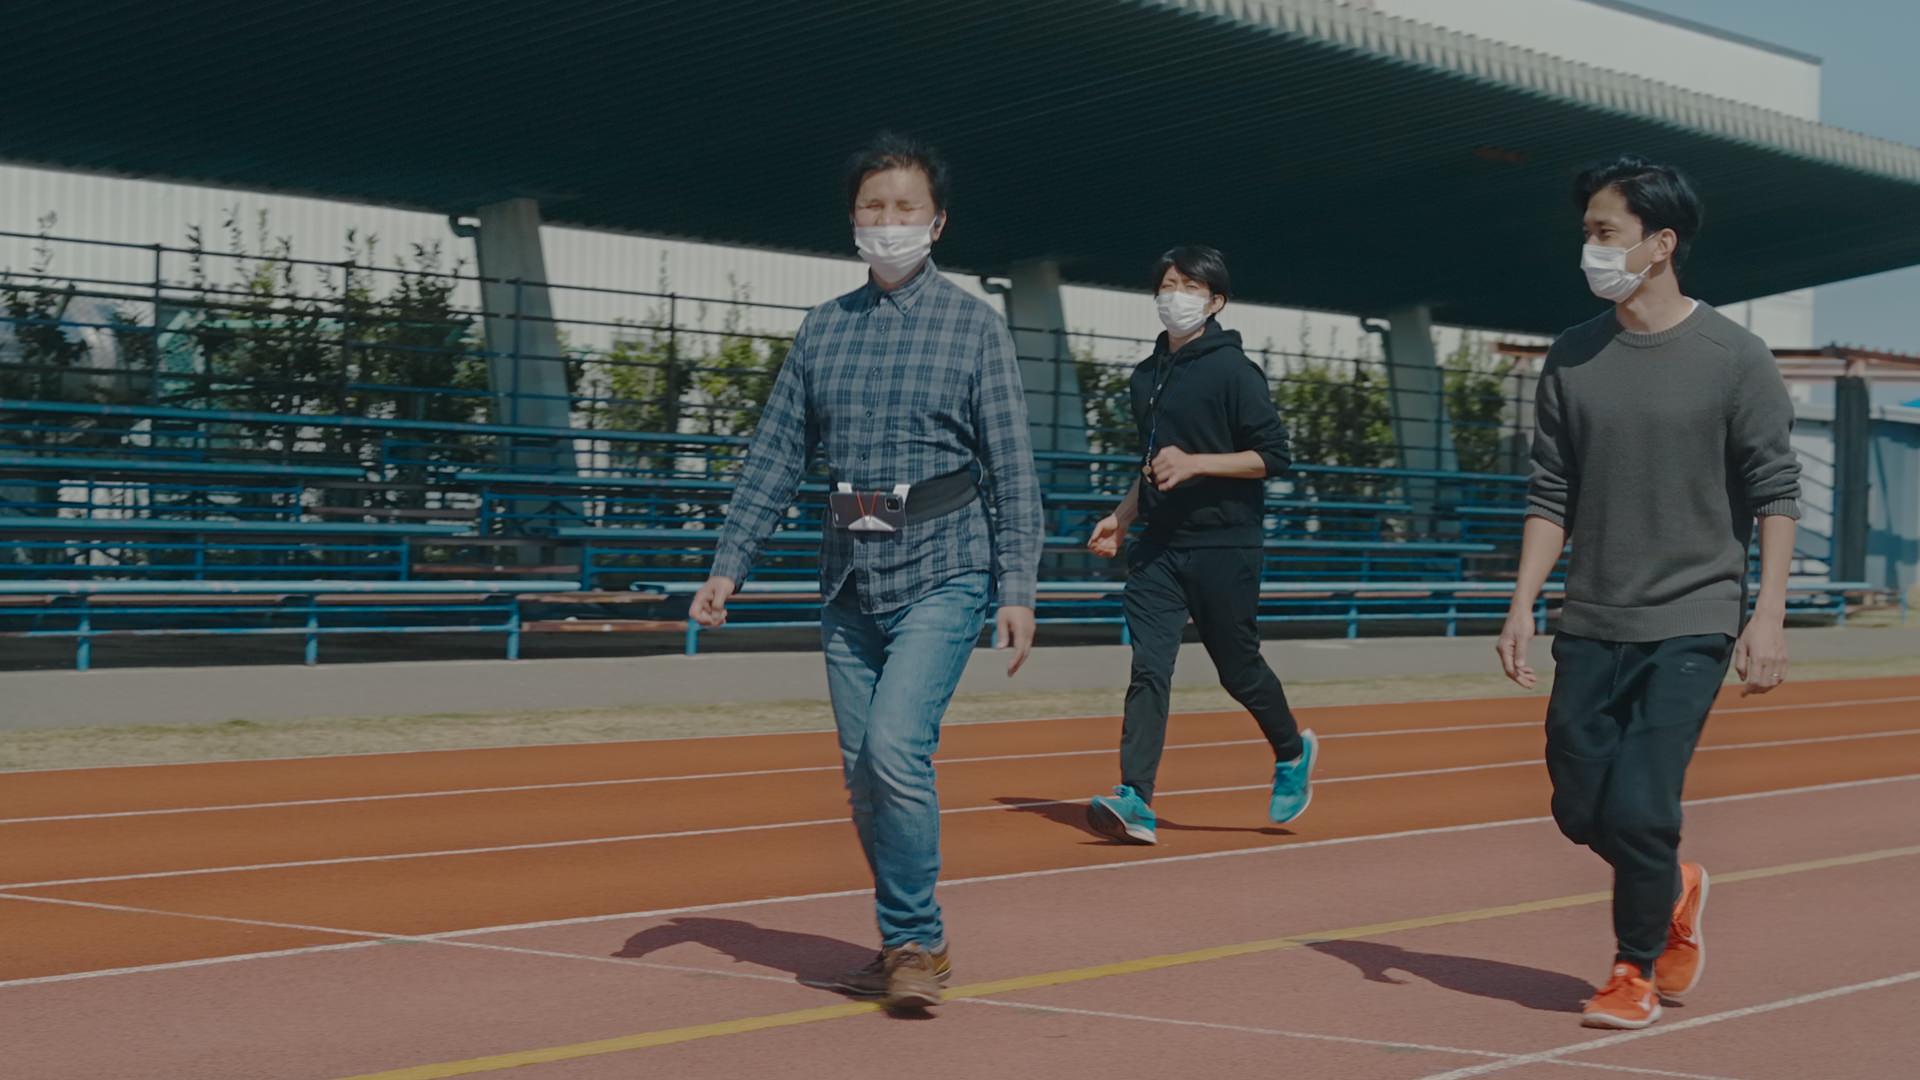 写真:アプリの挙動を確認しながらコース上を歩く男性のテスト走者と、その周りを見守るスタッフ。